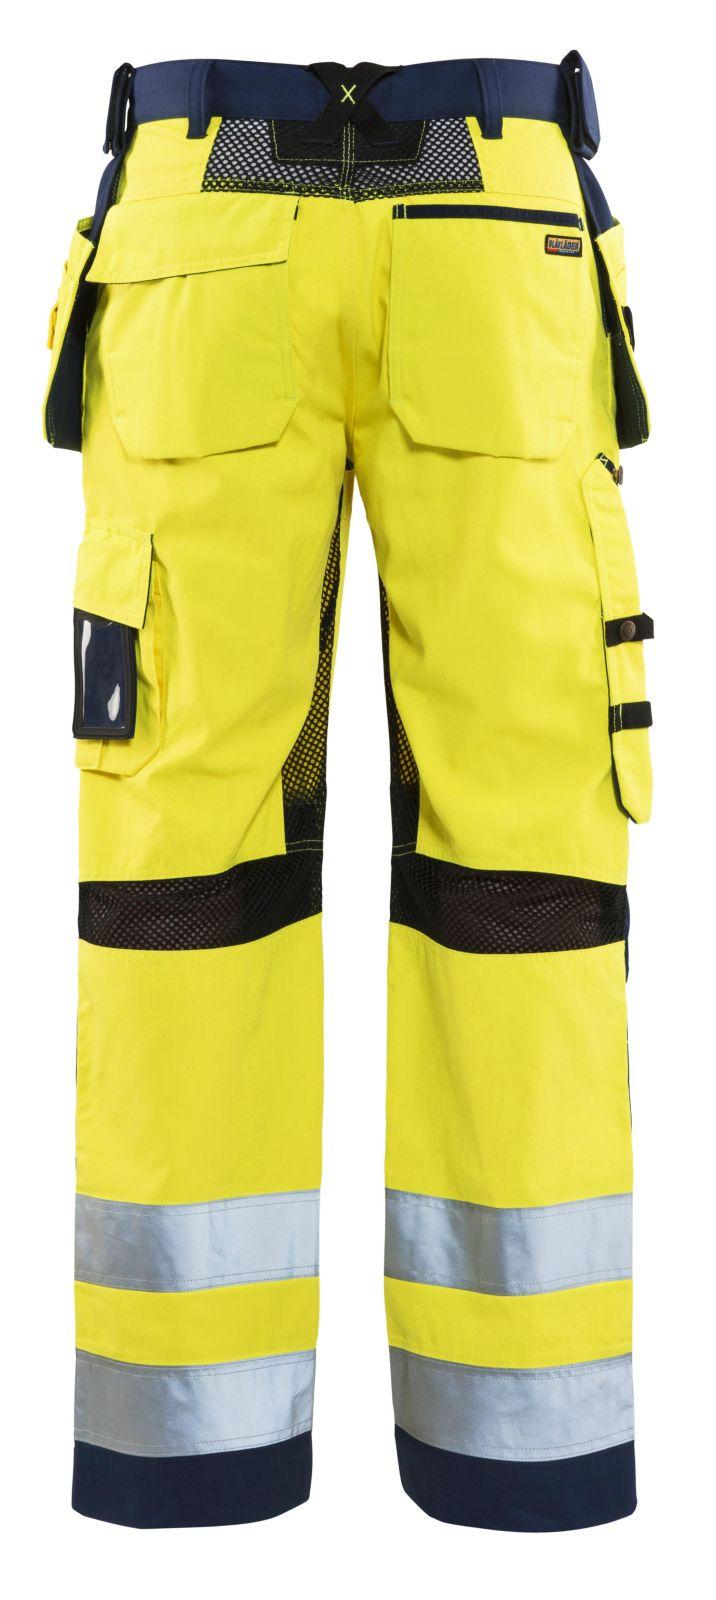 Blaklader Broeken 15651811 High Vis fluo geel-marineblauw(3389)